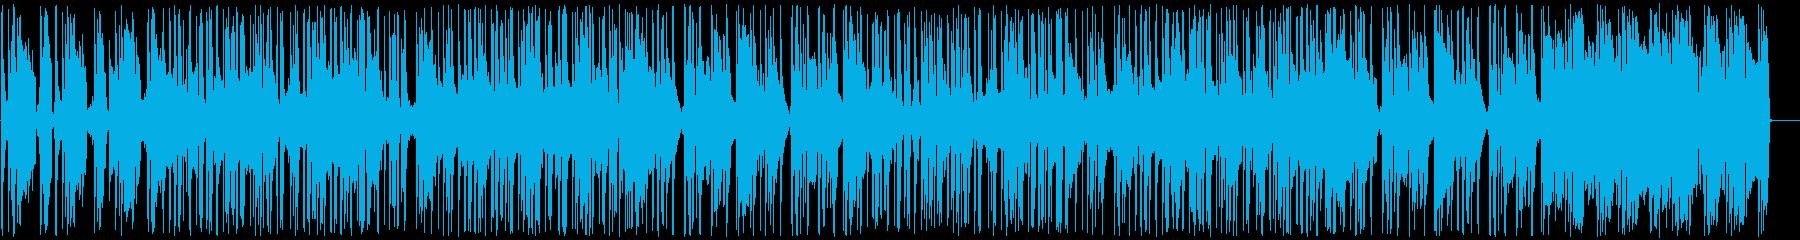 ワールド 民族 レトロ 神経質 淡...の再生済みの波形